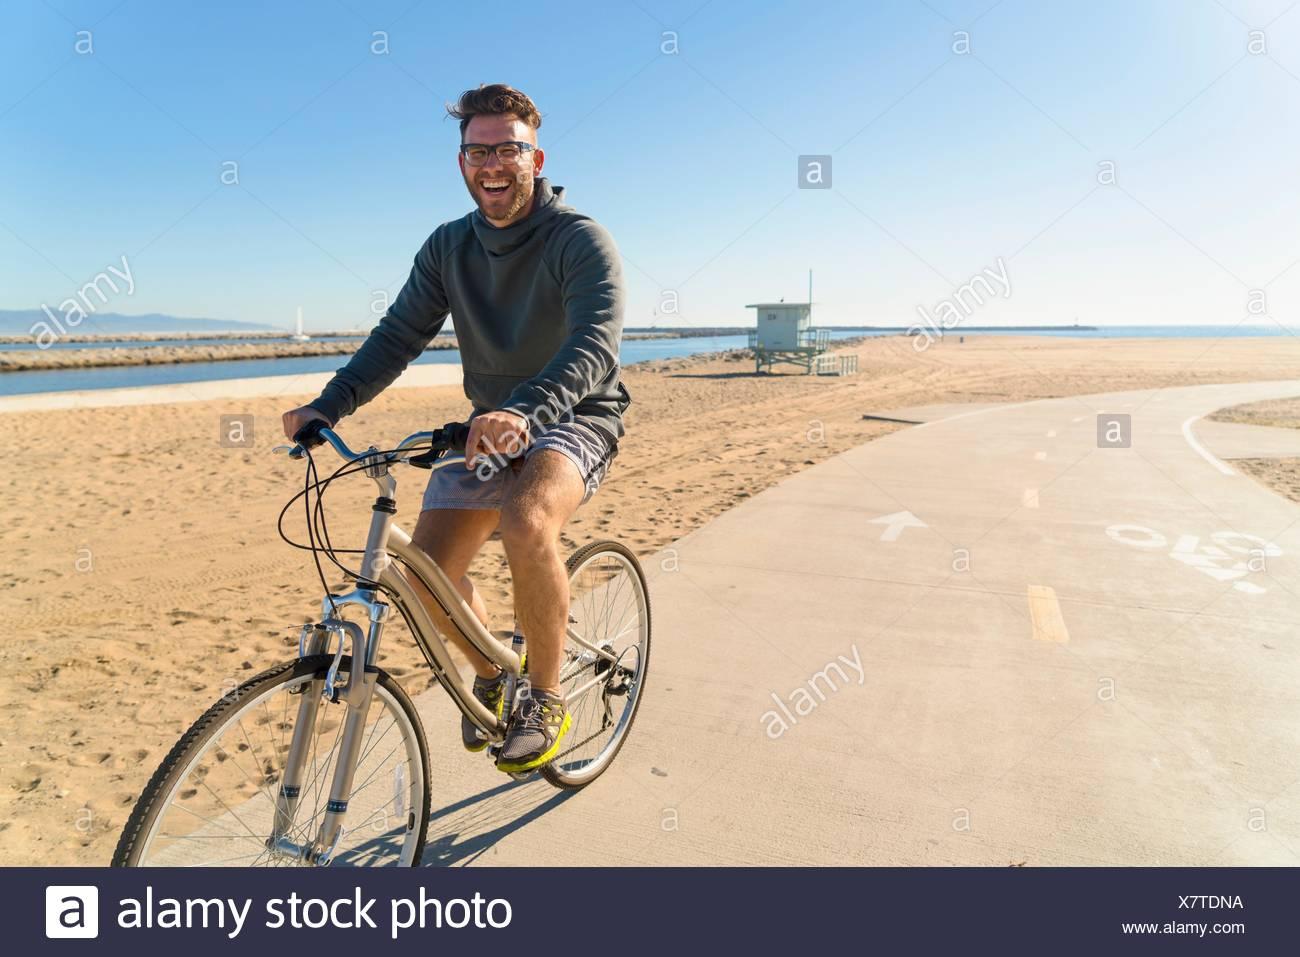 Jeune homme en vélo le long de sentiers beach Photo Stock